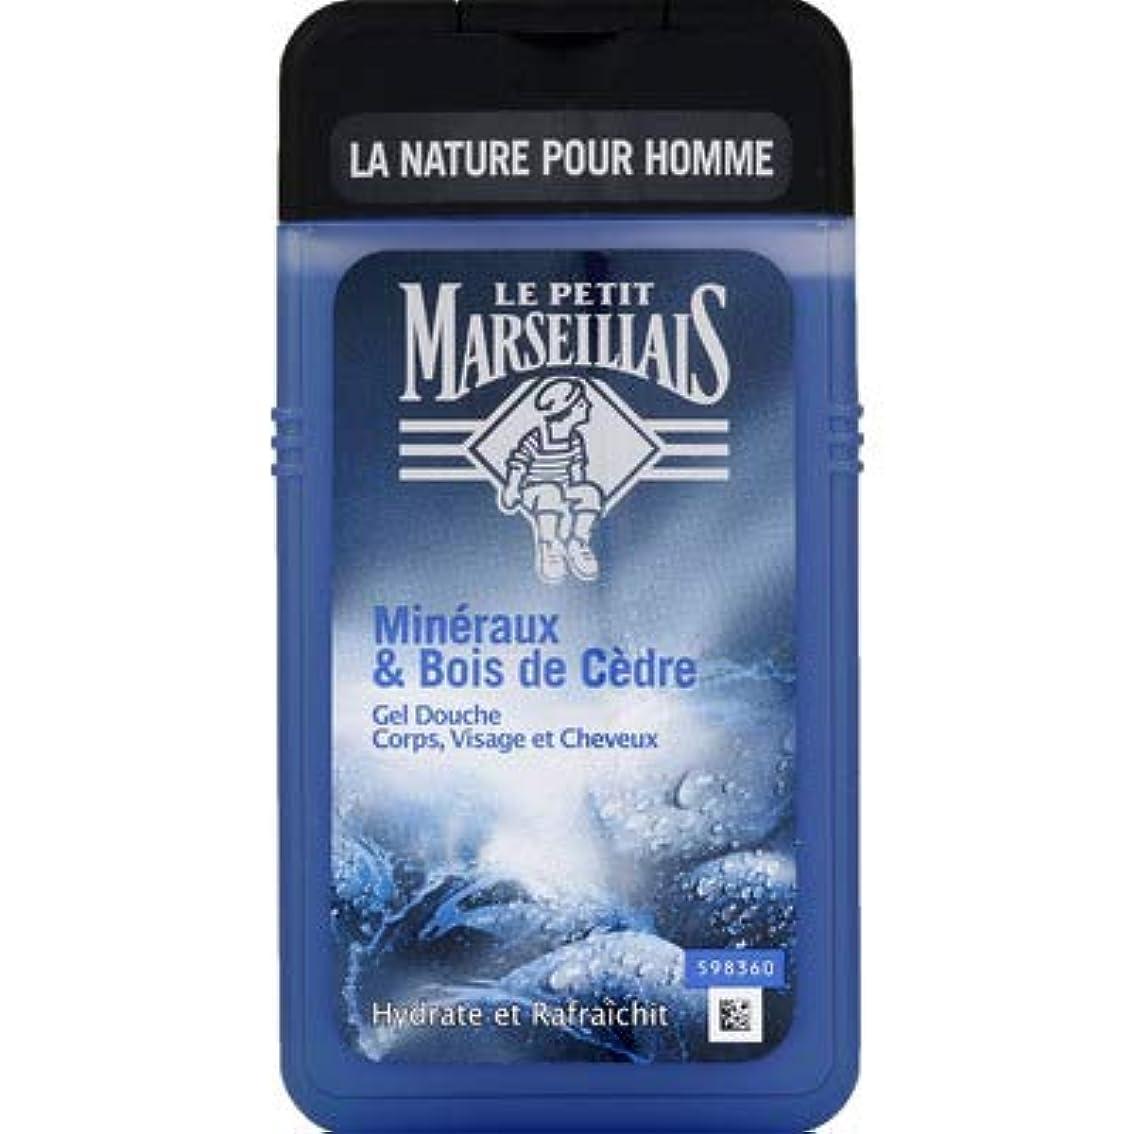 酸度良い簡単にメンズ用 顔?髪?体 ボディウォッシュ「ミネラル」と「シダーウッド」シャワージェル フランスの「ル?プティ?マルセイユ (Le Petit Marseillais)」 250ml